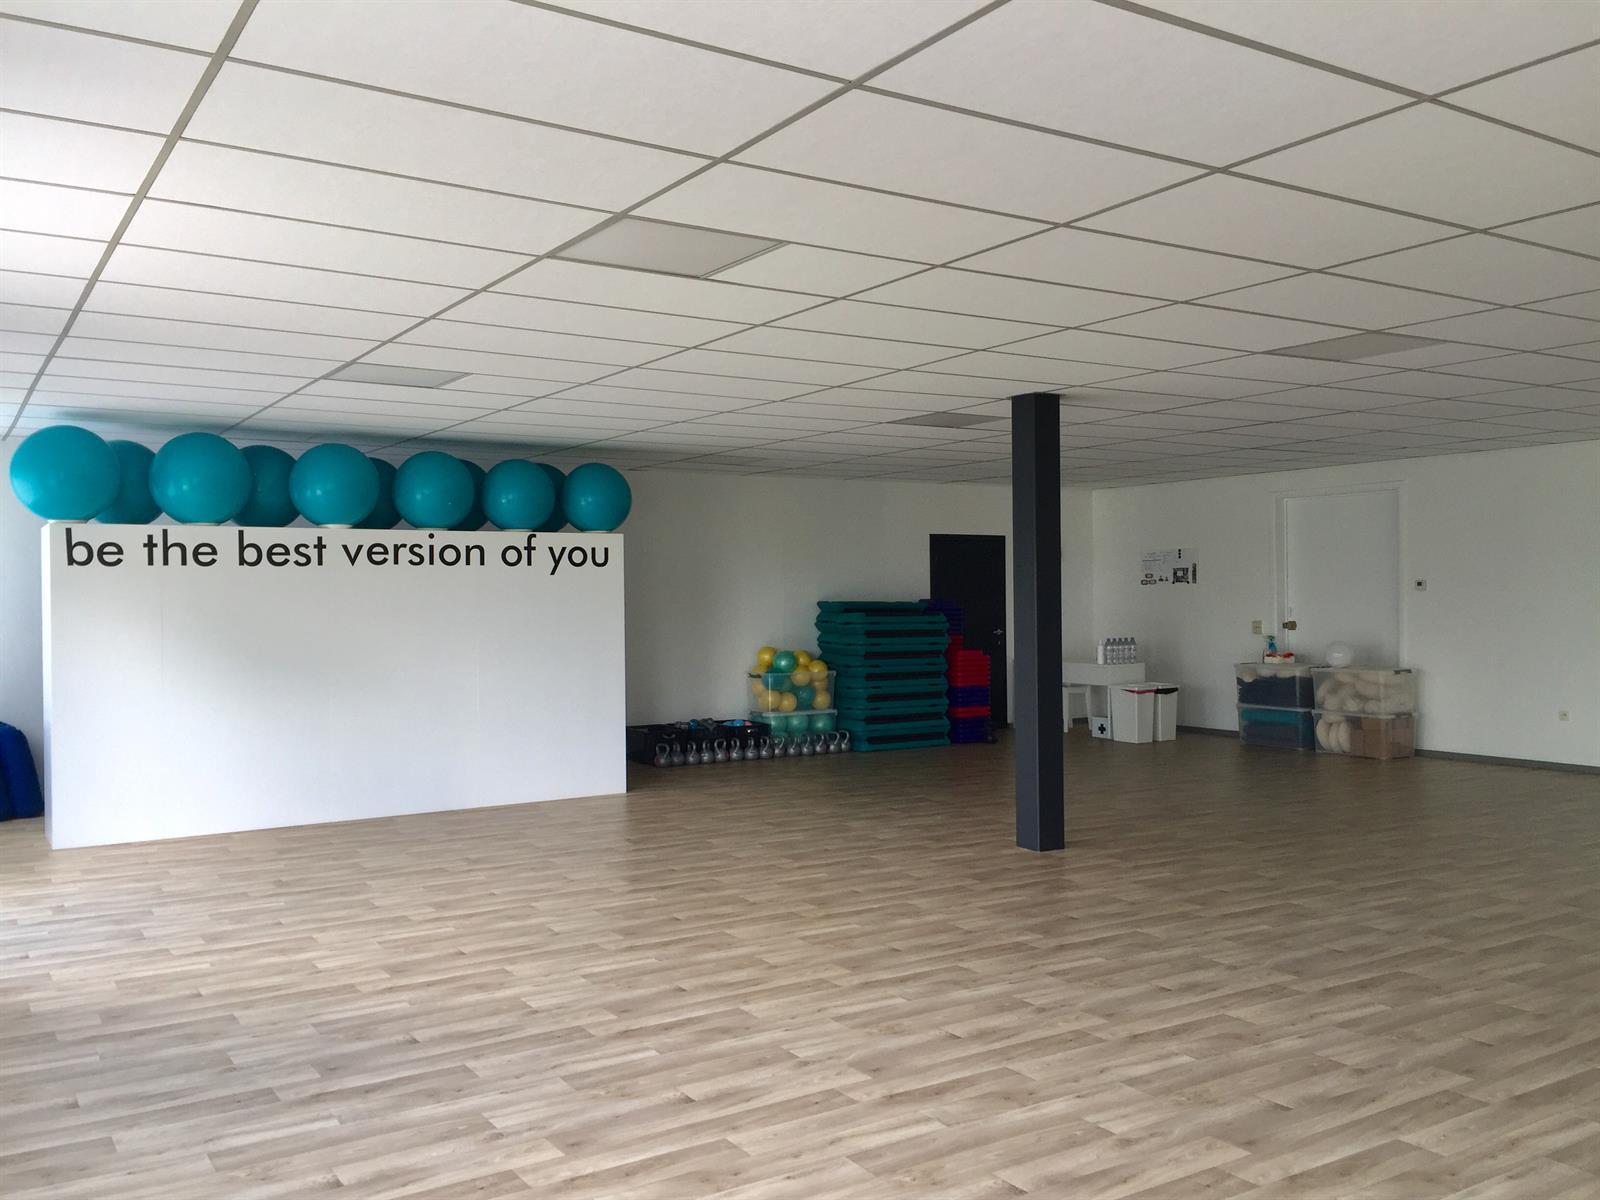 kantoor te huur I137 - Kantoor - Rollebeekstraat 16, 2160 Wommelgem, België 2